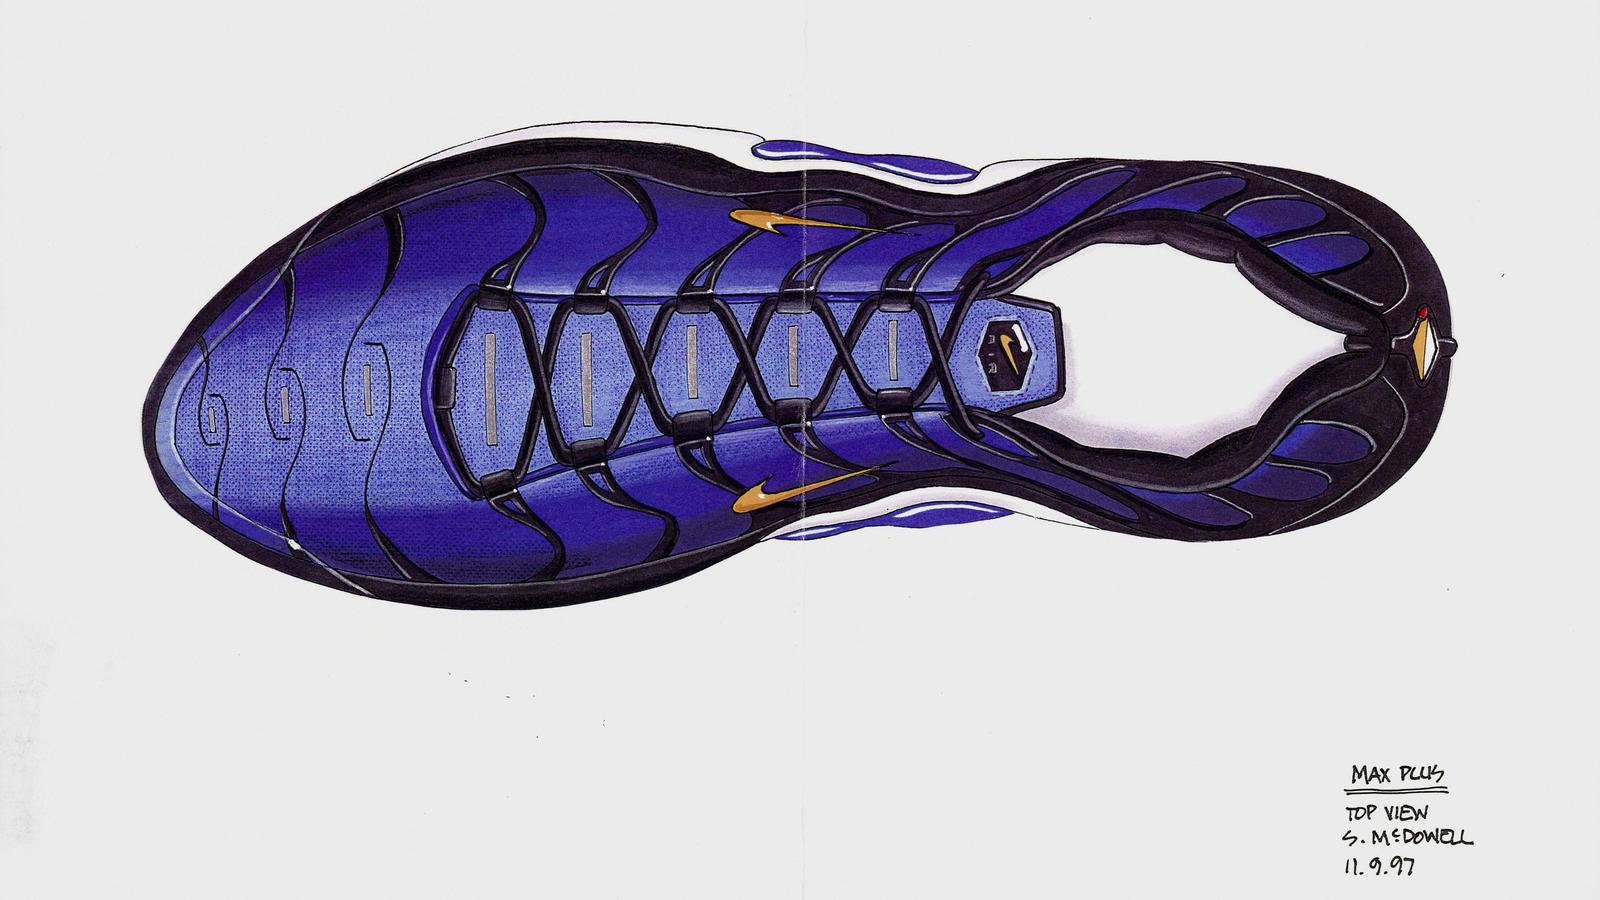 e502a94a351f83 Nike air Max Plus TN original sketch sean mcdowell top down ...